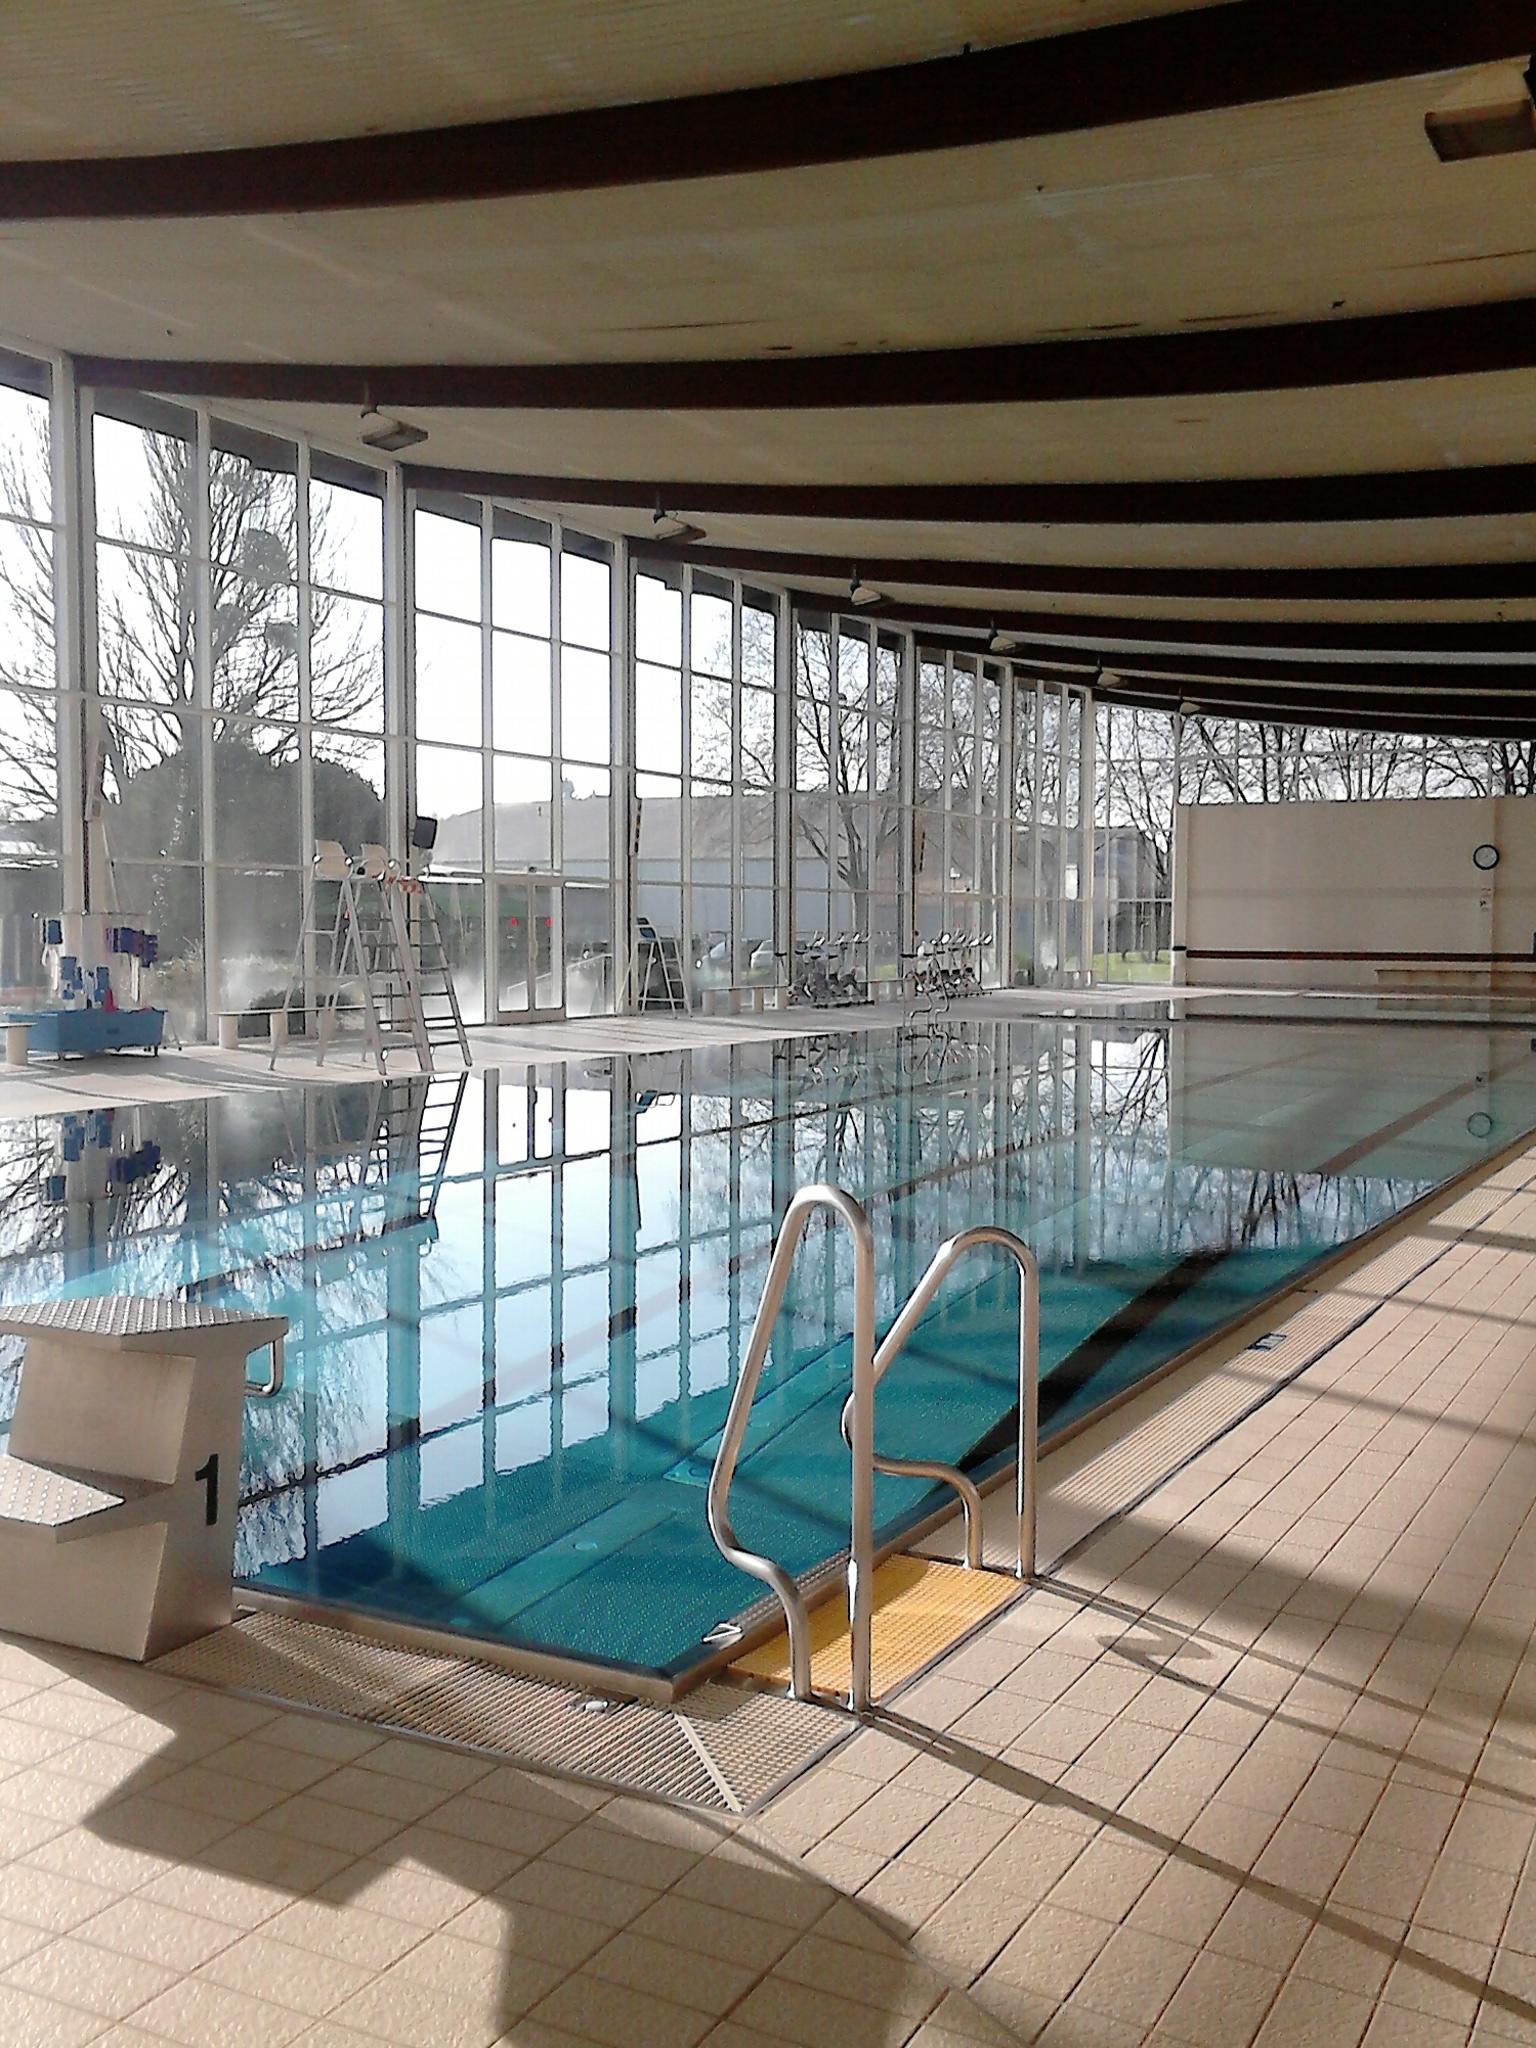 Club Nautique Dunois » Fête Du C.n.d. : Compétition Interne ... pour Piscine Chateaudun